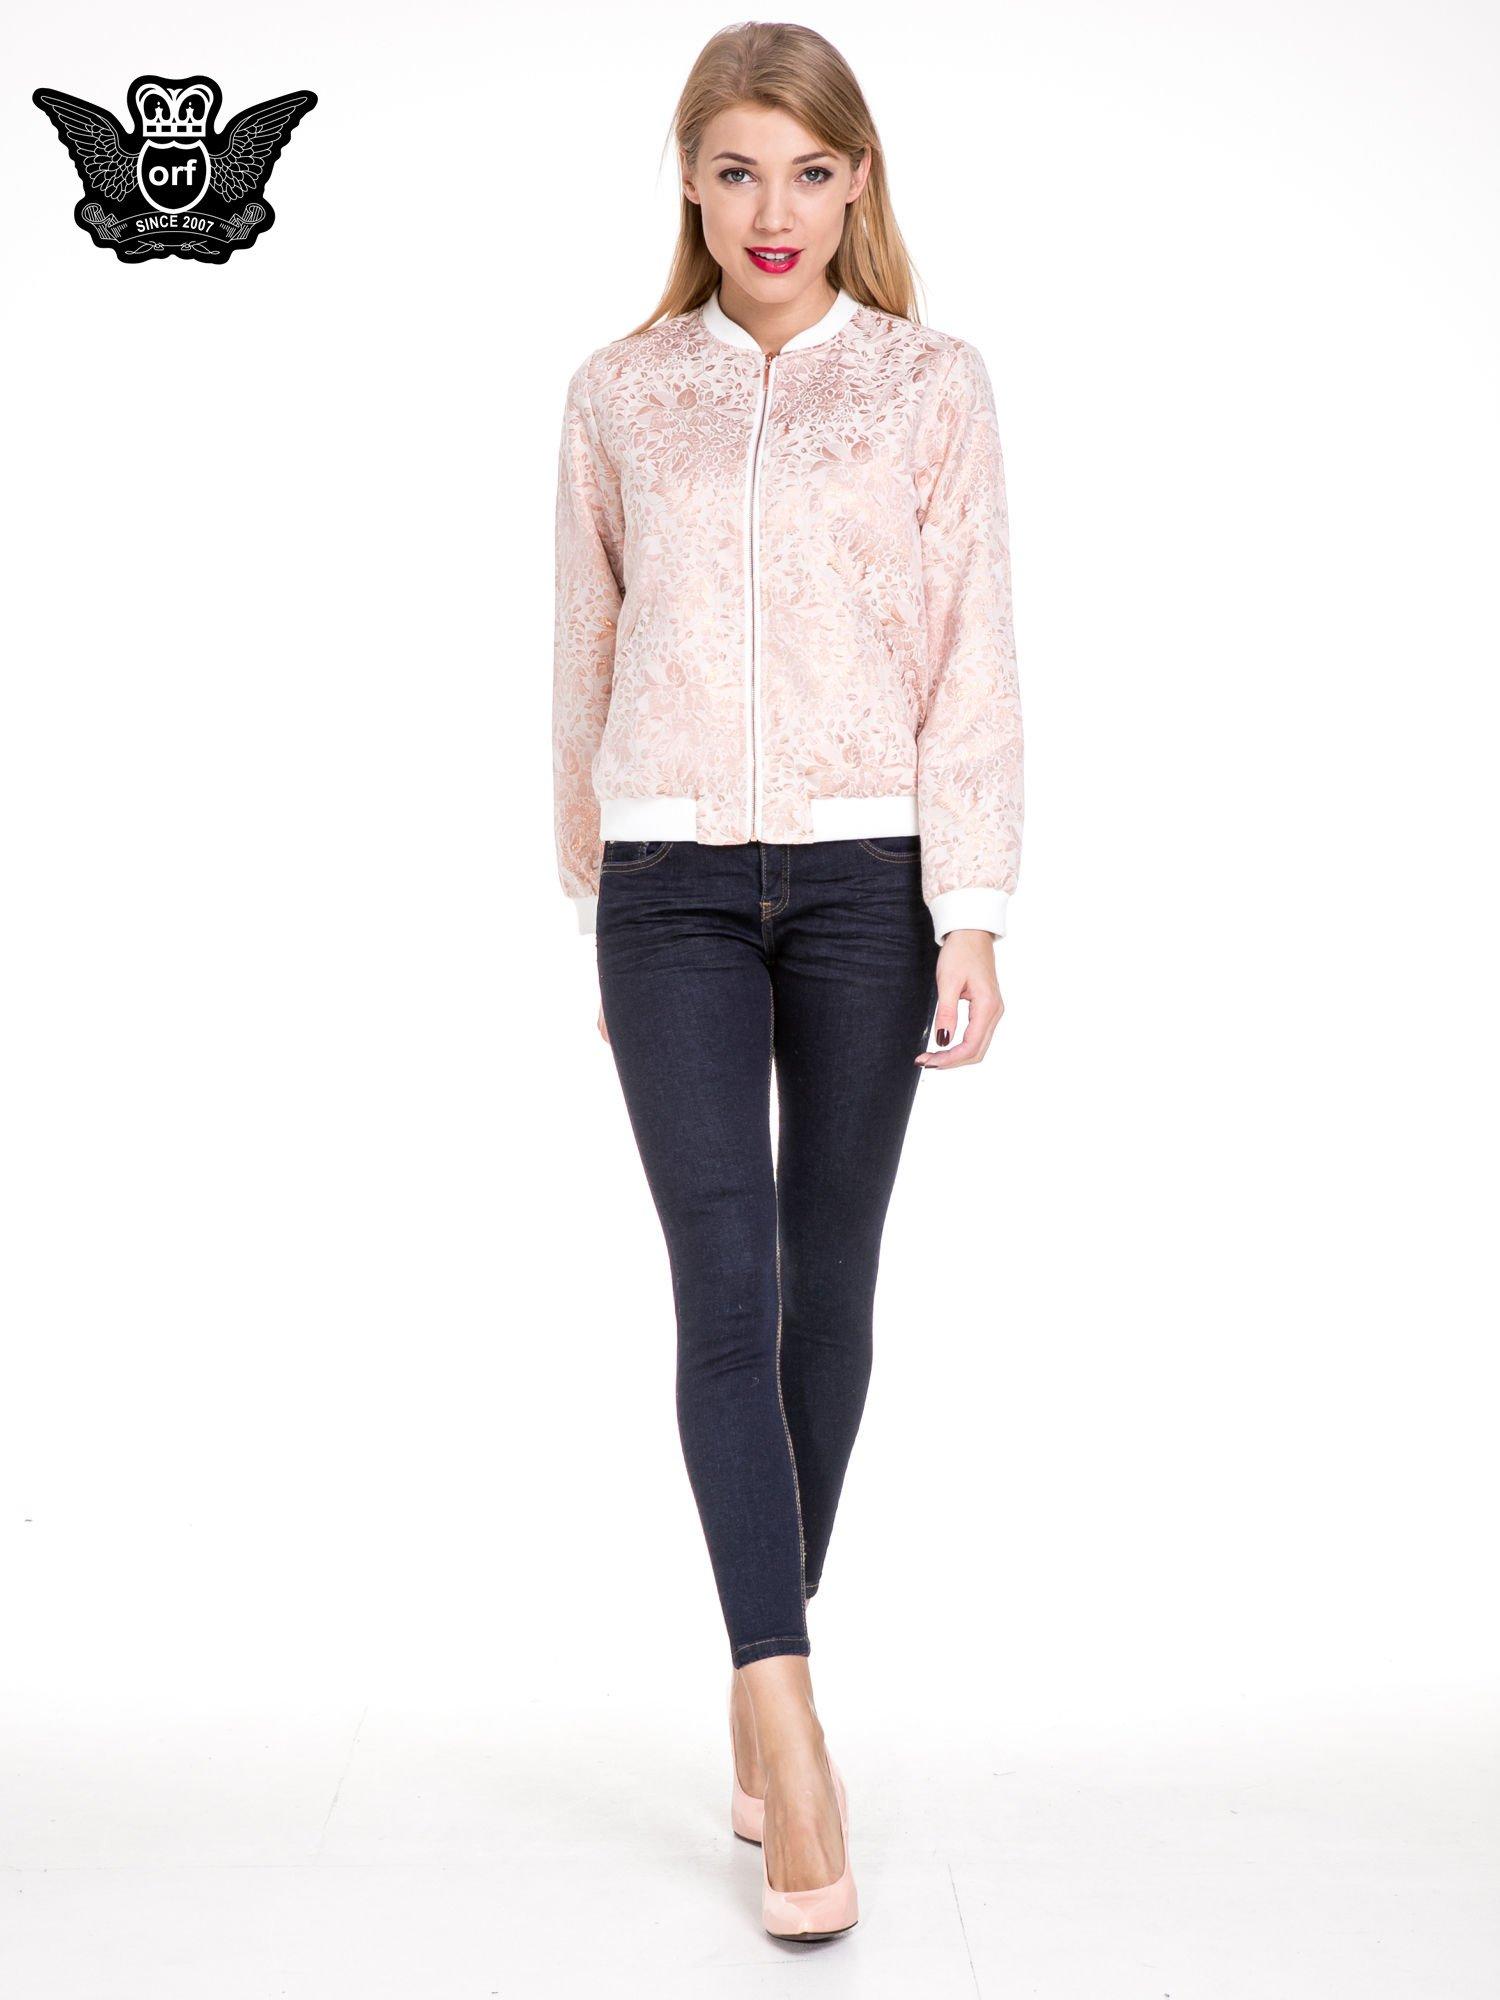 dc6a8245f4 Granatowe spodnie super skinny jeans długości 7 8 - Spodnie jeansowe ...